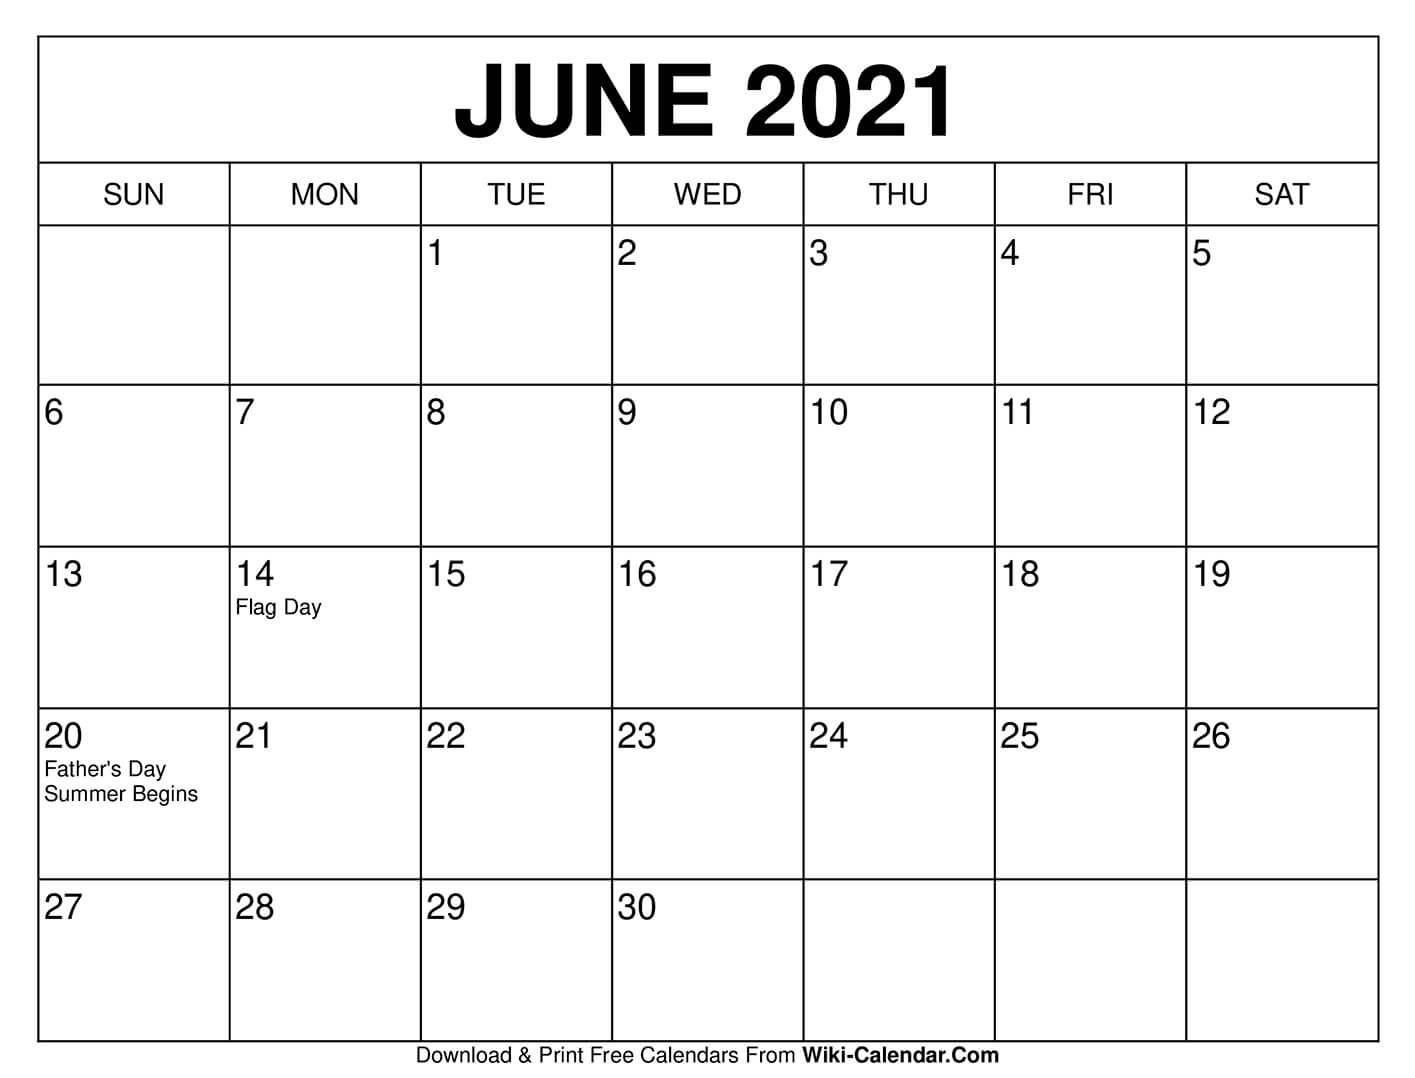 June 2021 Calendar In 2020 | Calendar Template, Calendar  Monthly Payment Sheet June, 2021